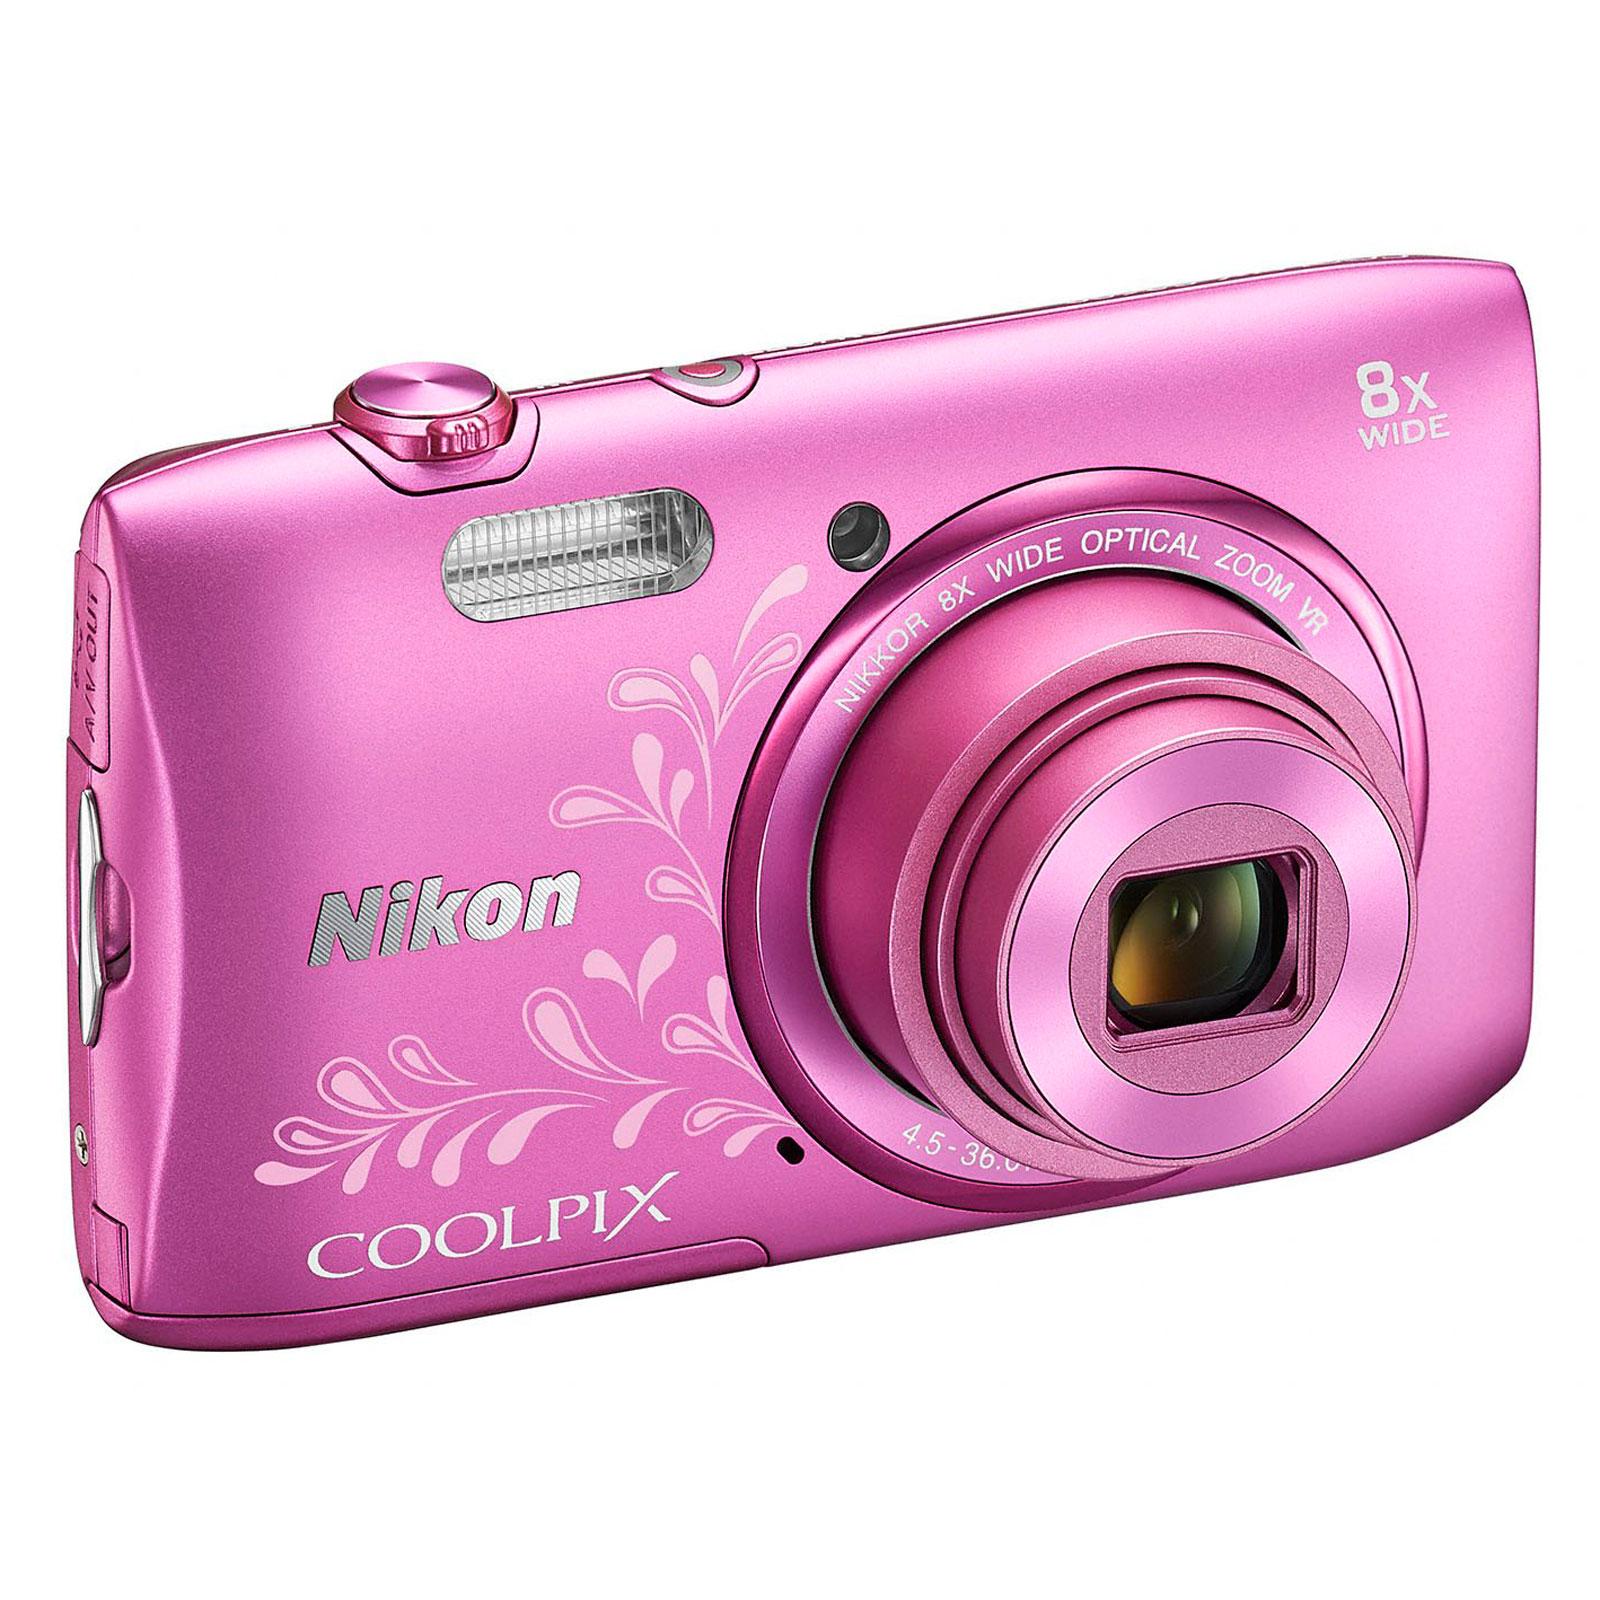 nikon coolpix s3600 rose lineart vna 555 e1 achat vente appareil photo num rique sur. Black Bedroom Furniture Sets. Home Design Ideas